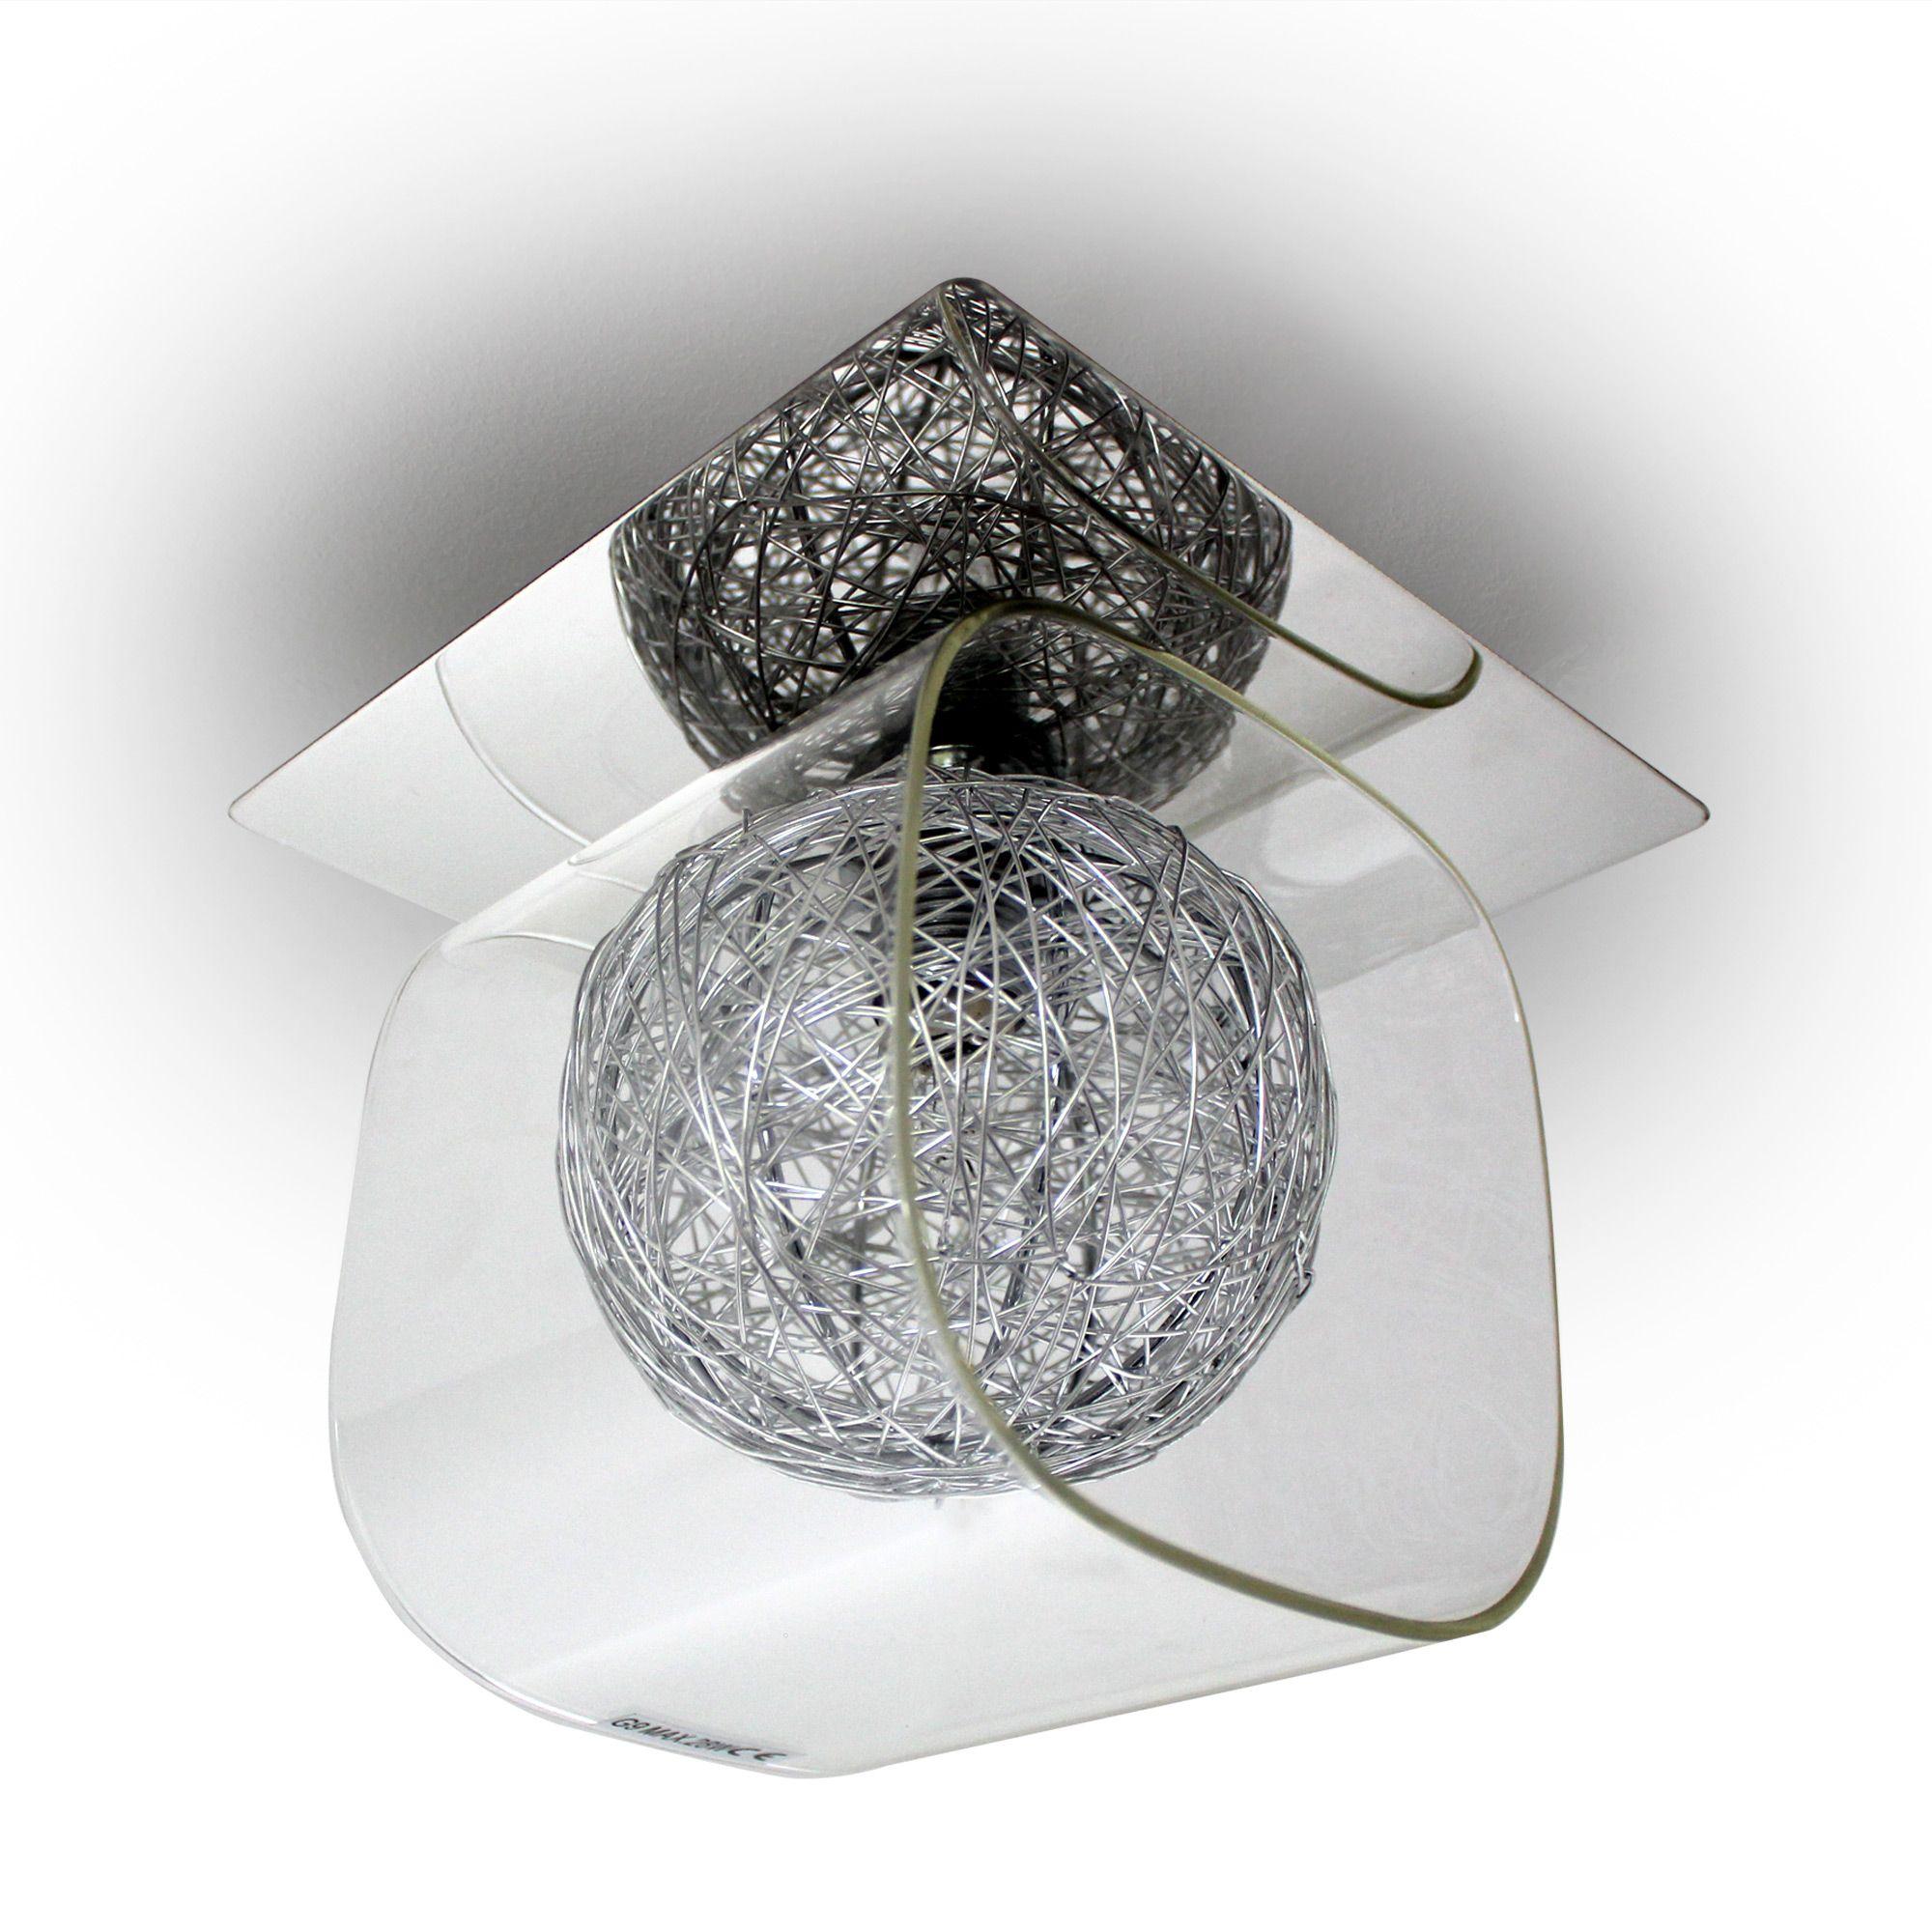 Beleuchtung Wohnzimmer LuxluxproR Deckenleuchte Deckenlampe Lampe Leuchte Mesh Kristall Chrom